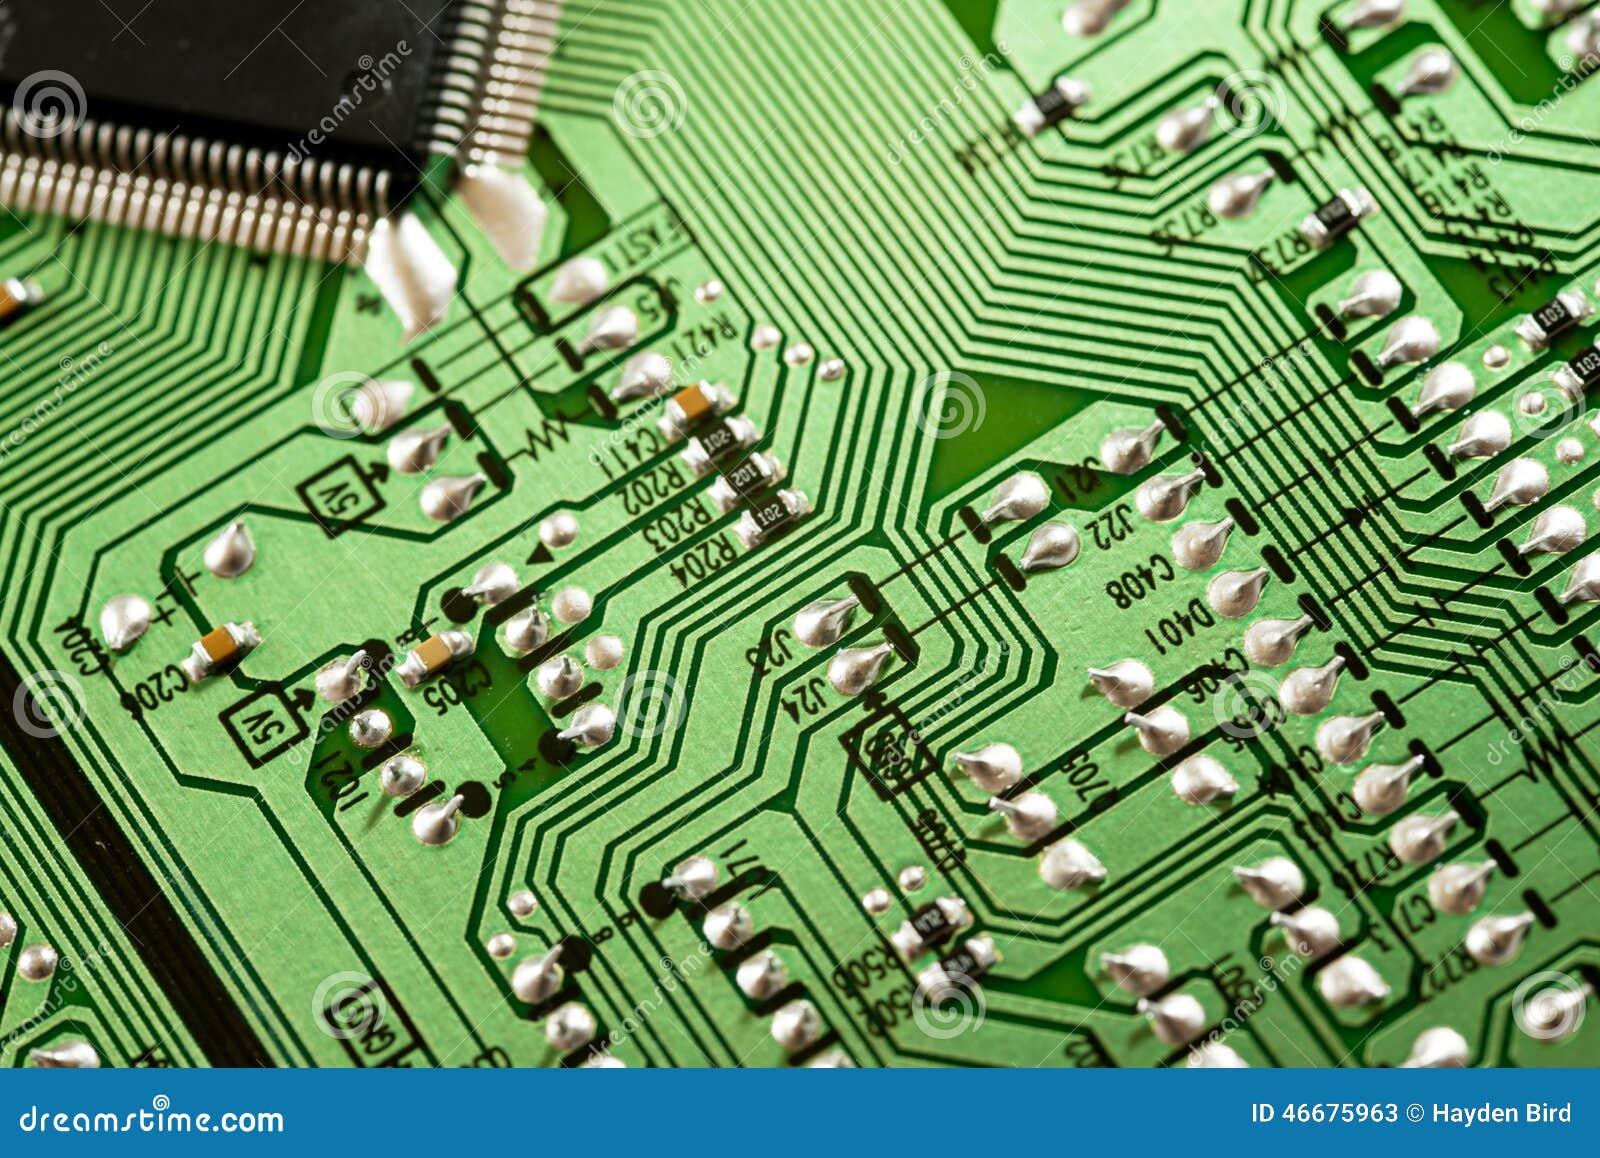 Macro do PWB da placa de circuito eletrônico no verde